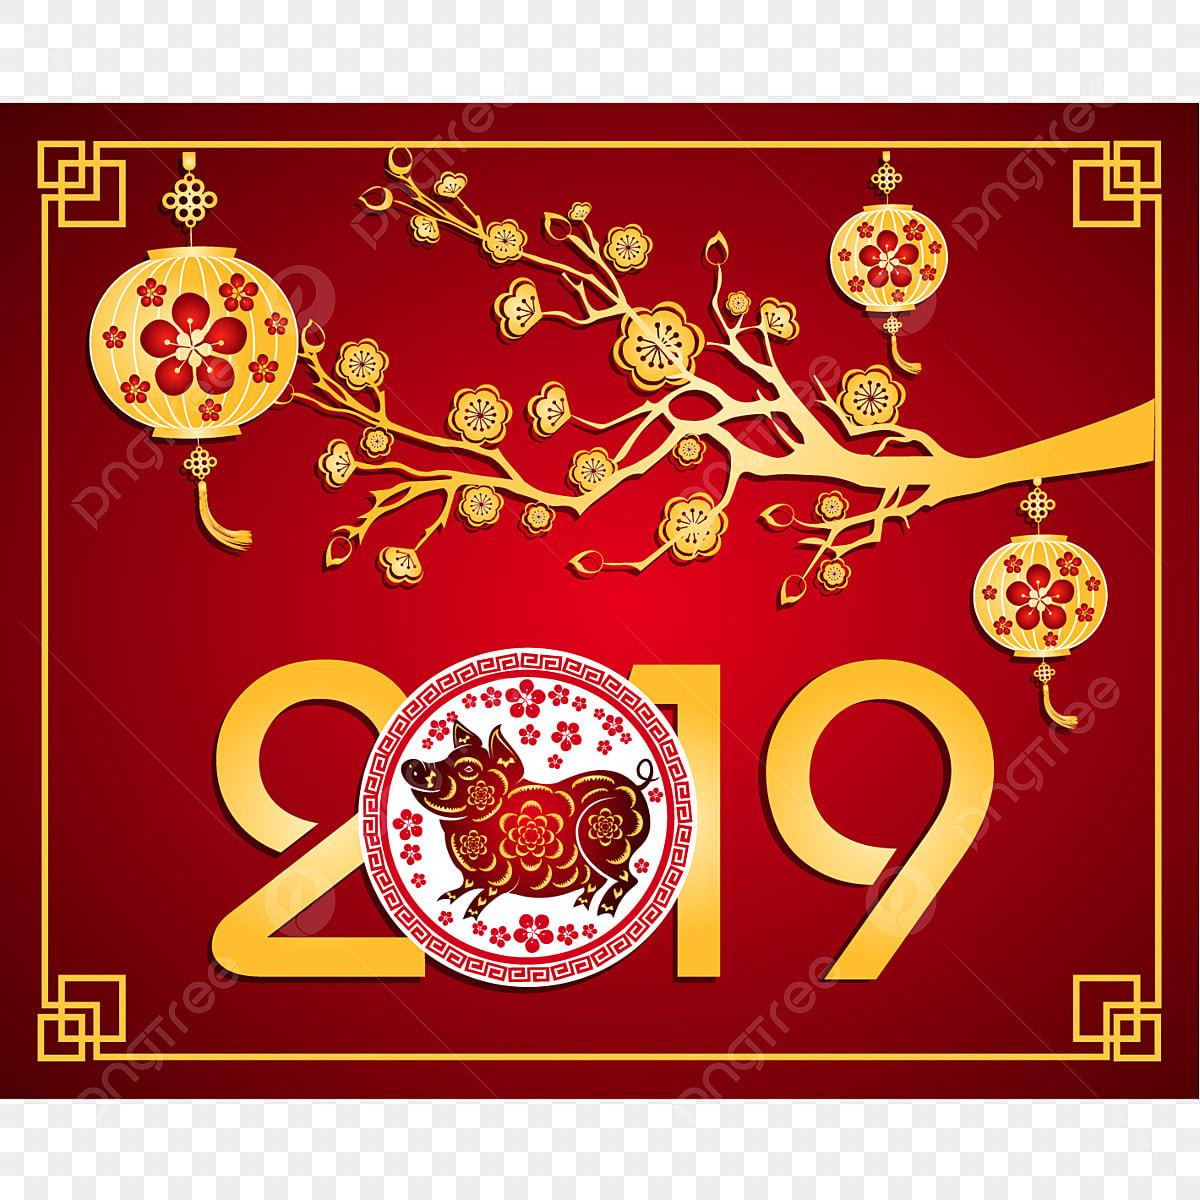 Вьетнамская открытка с новым годом, картинки для малышей